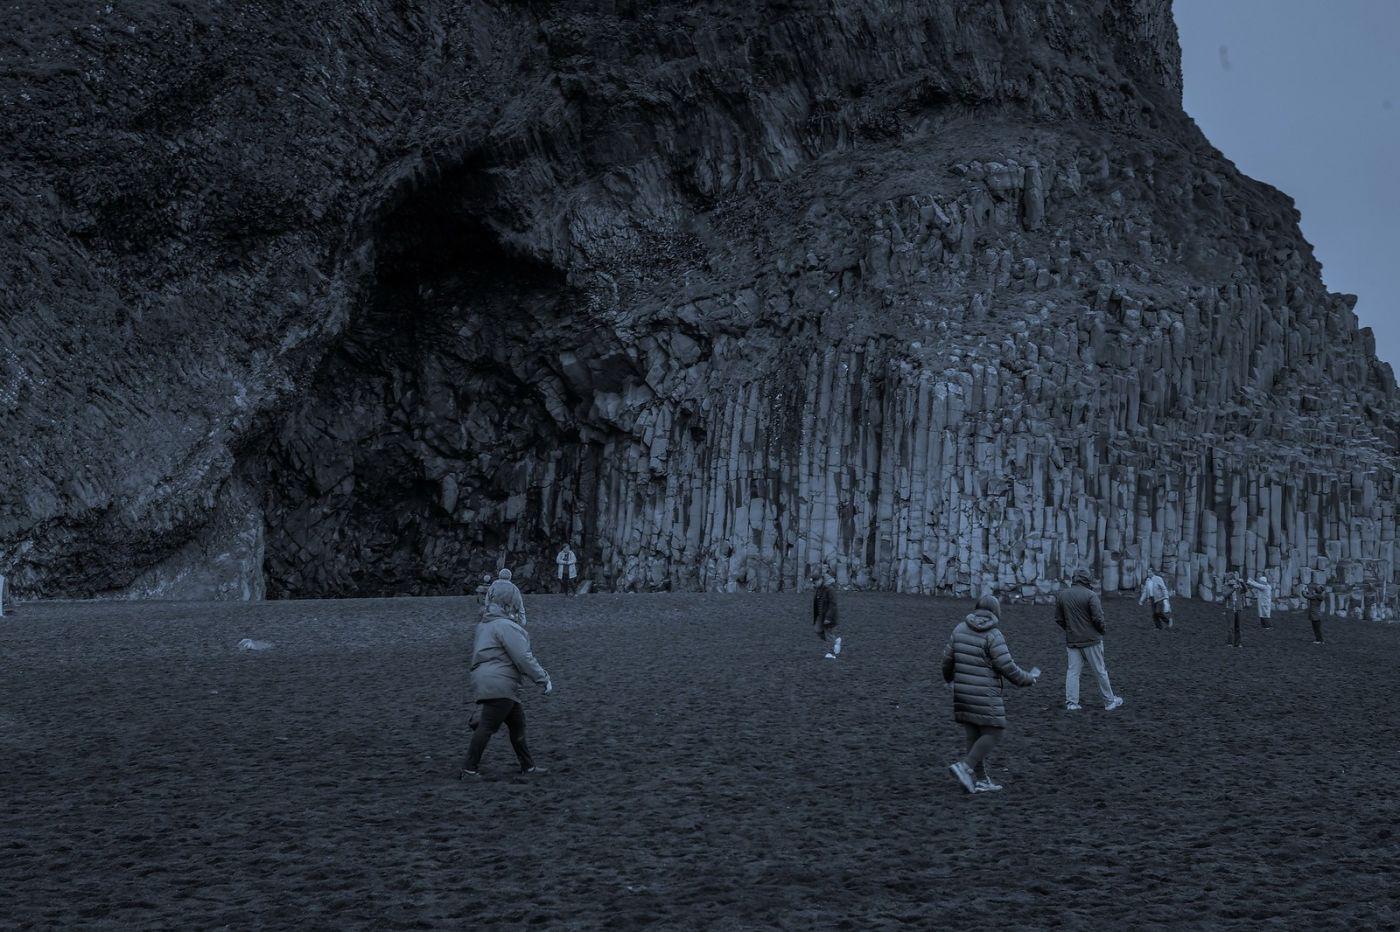 冰岛雷尼斯法加拉黑沙滩(Reynisfjara Black Sand Beach)_图1-19